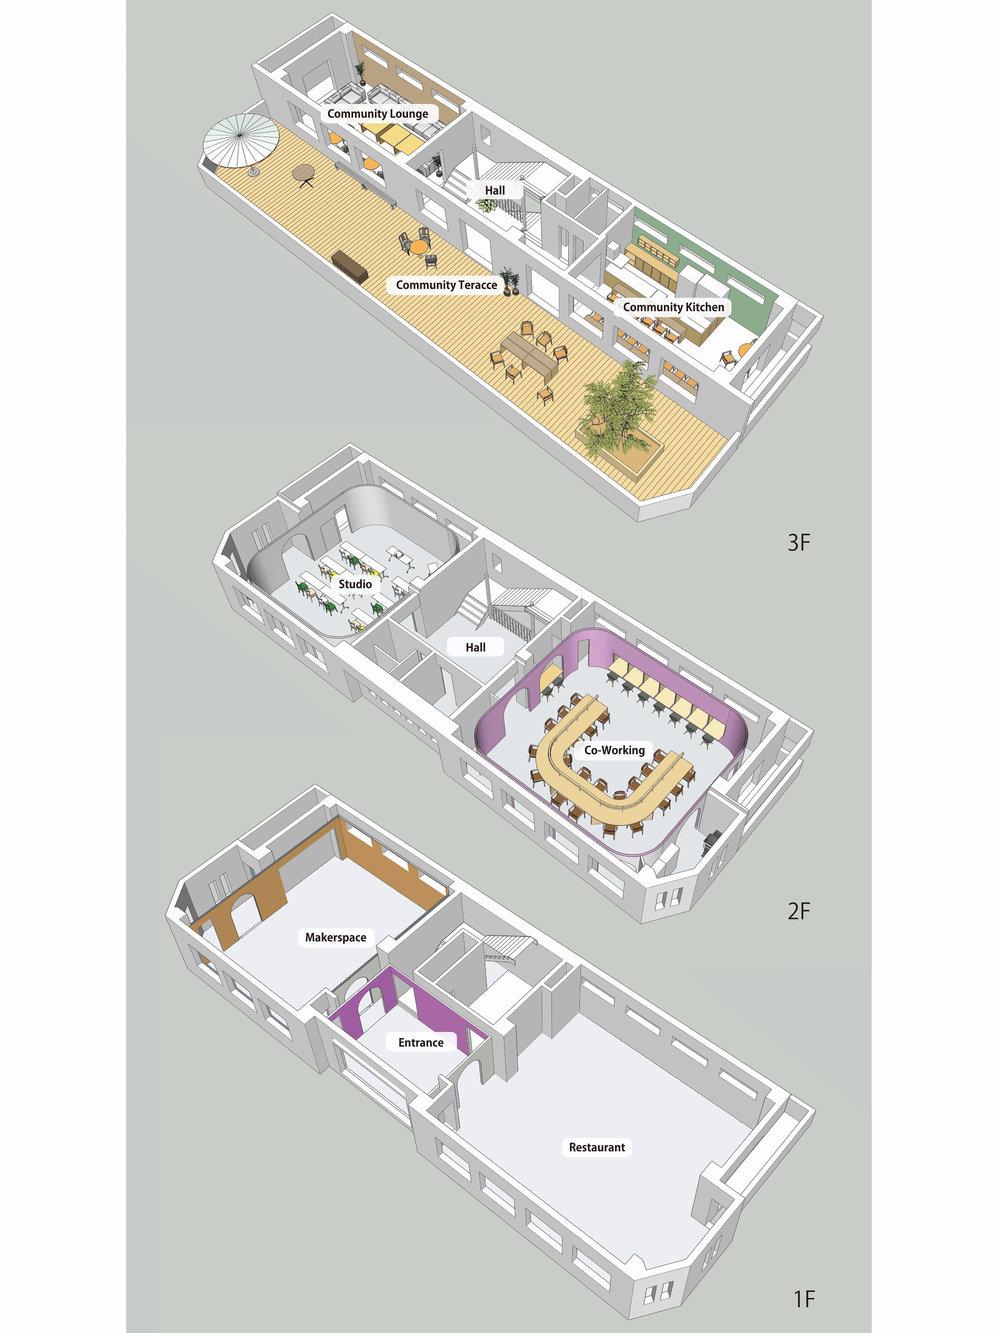 floorplans_nishiogi place.jpg